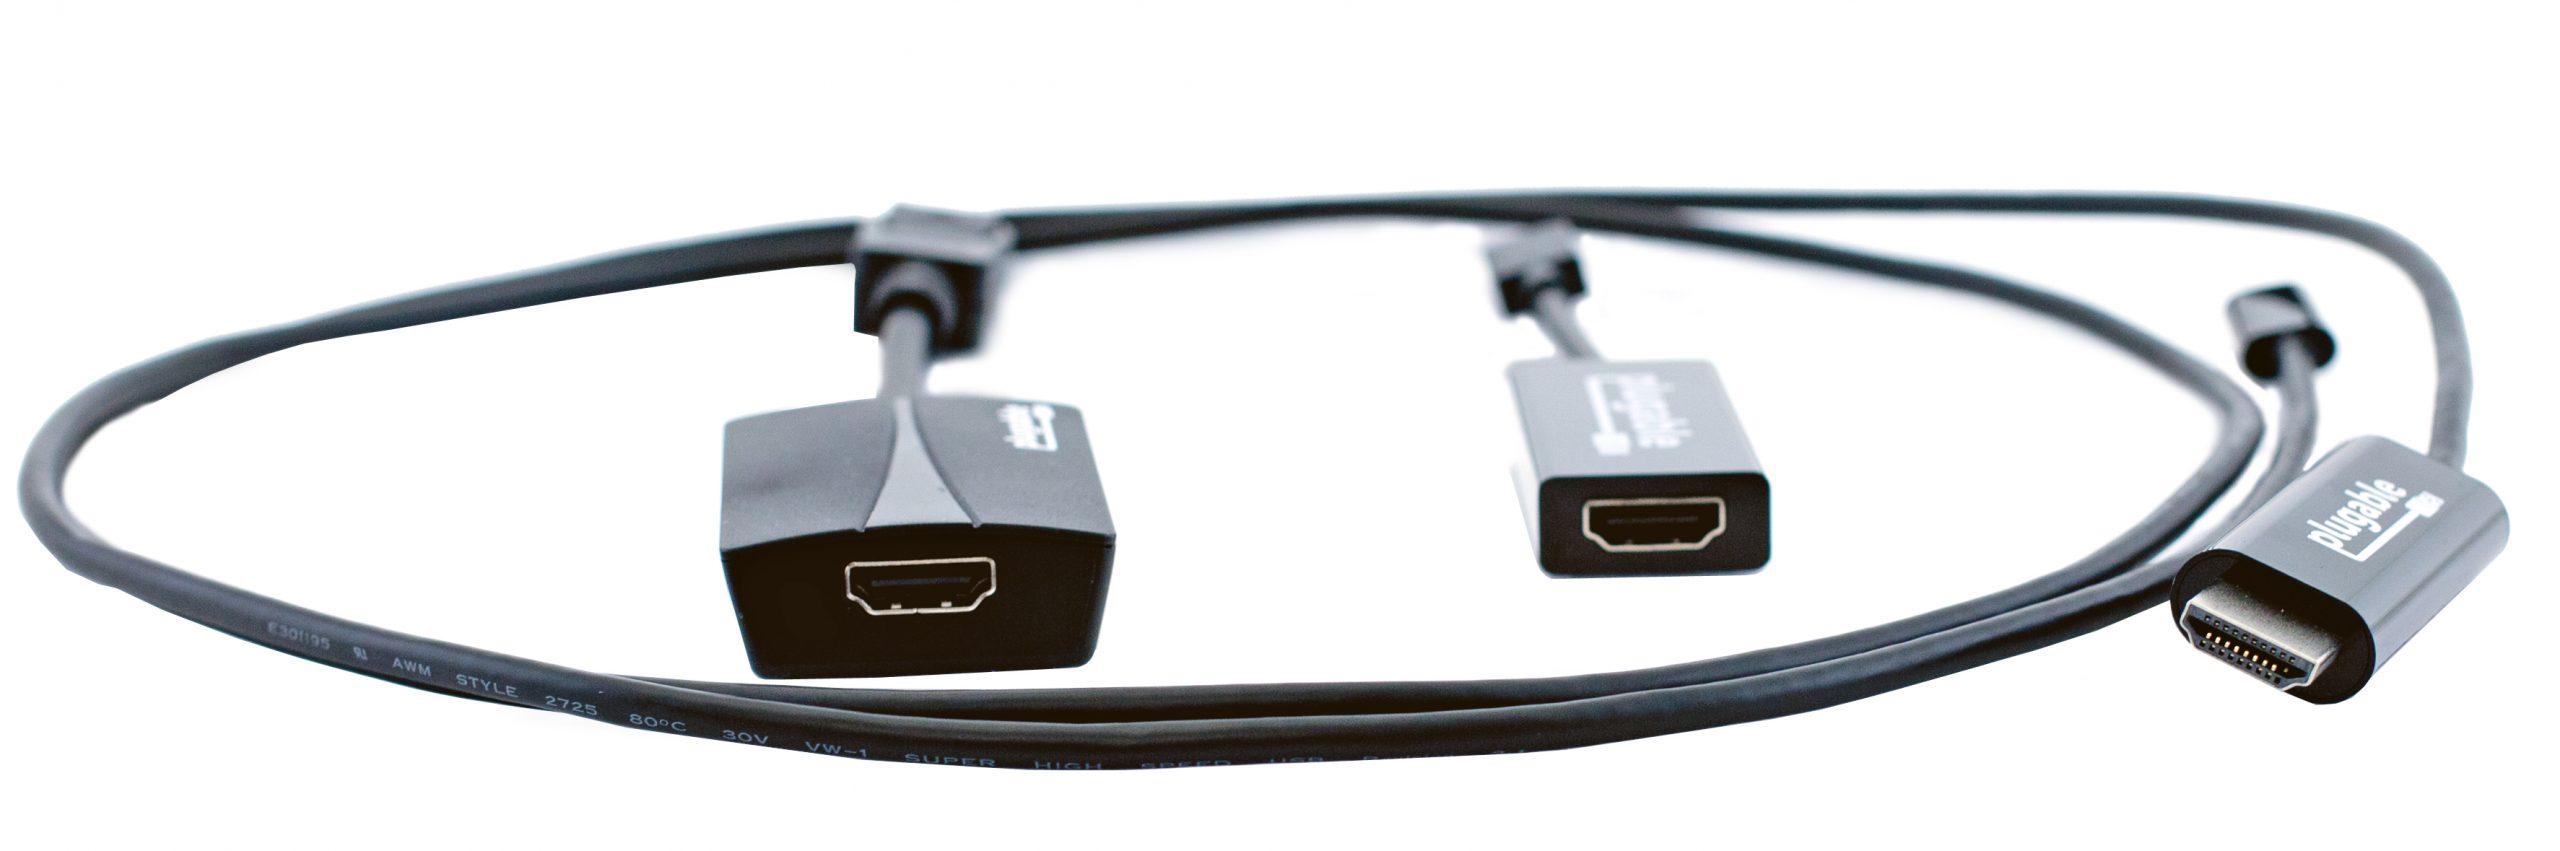 Plugable HDMI Adaptors Front